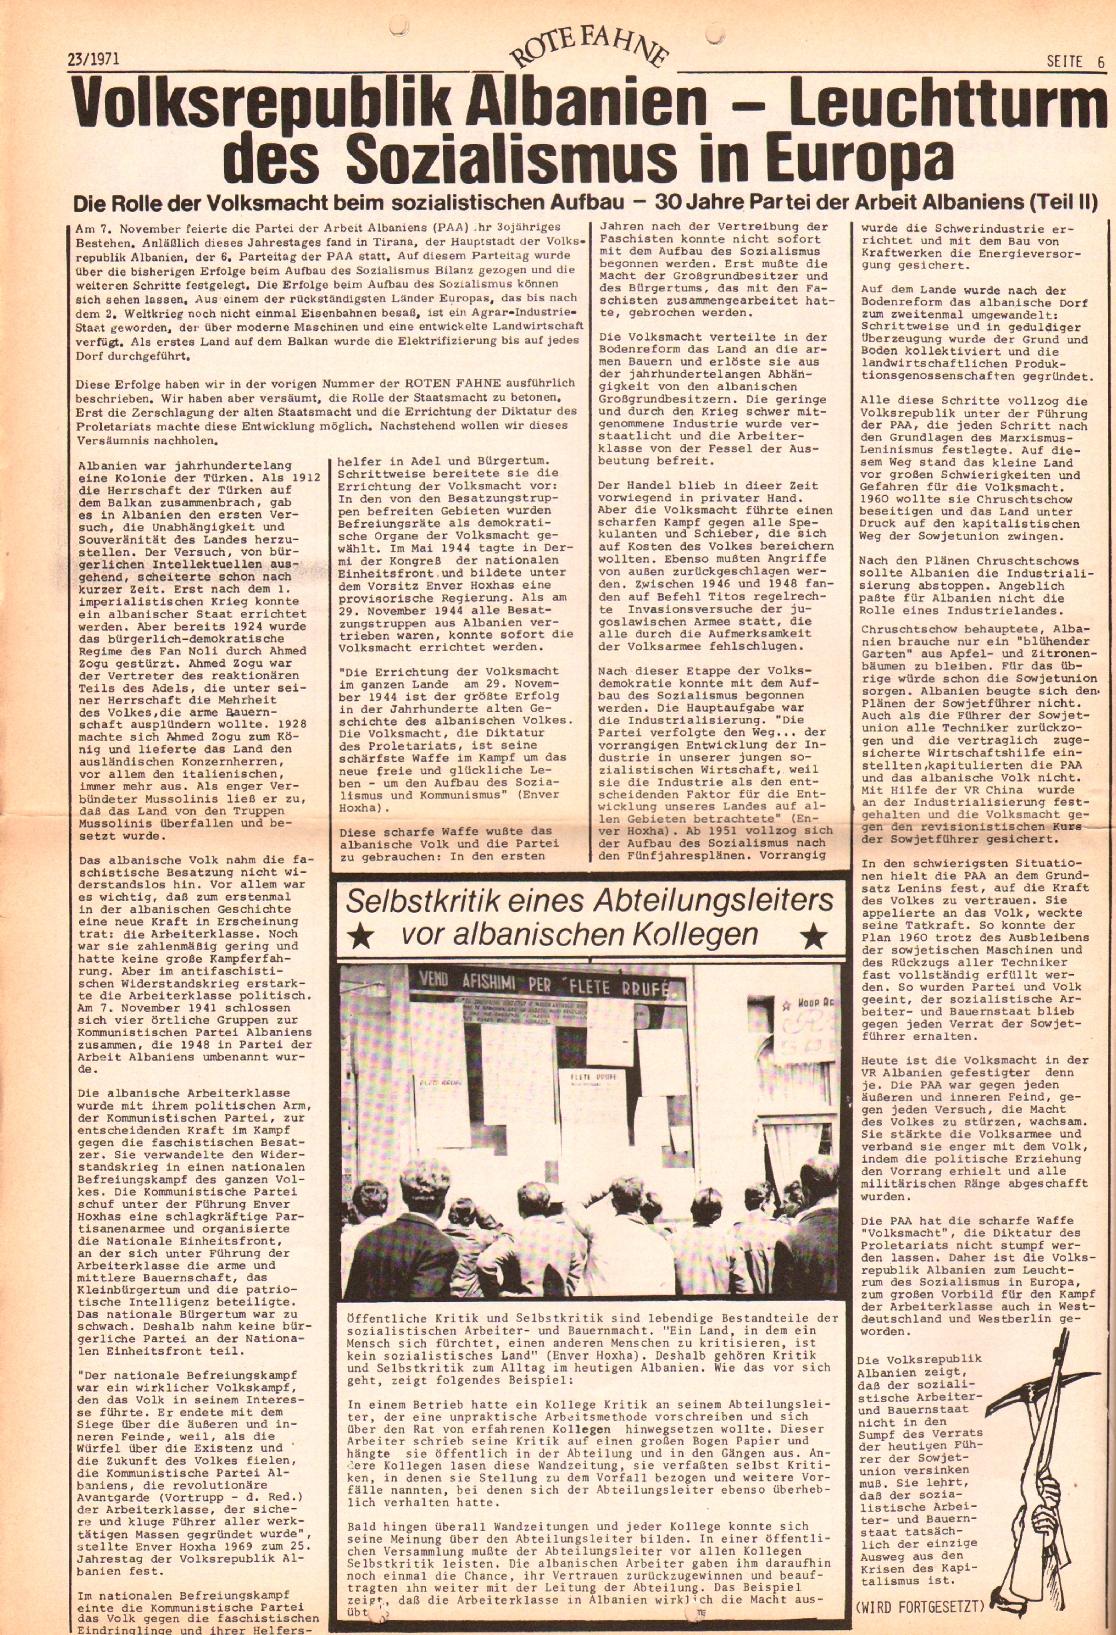 Rote Fahne, 2. Jg., 22.11.1971, Nr. 23, Seite 6